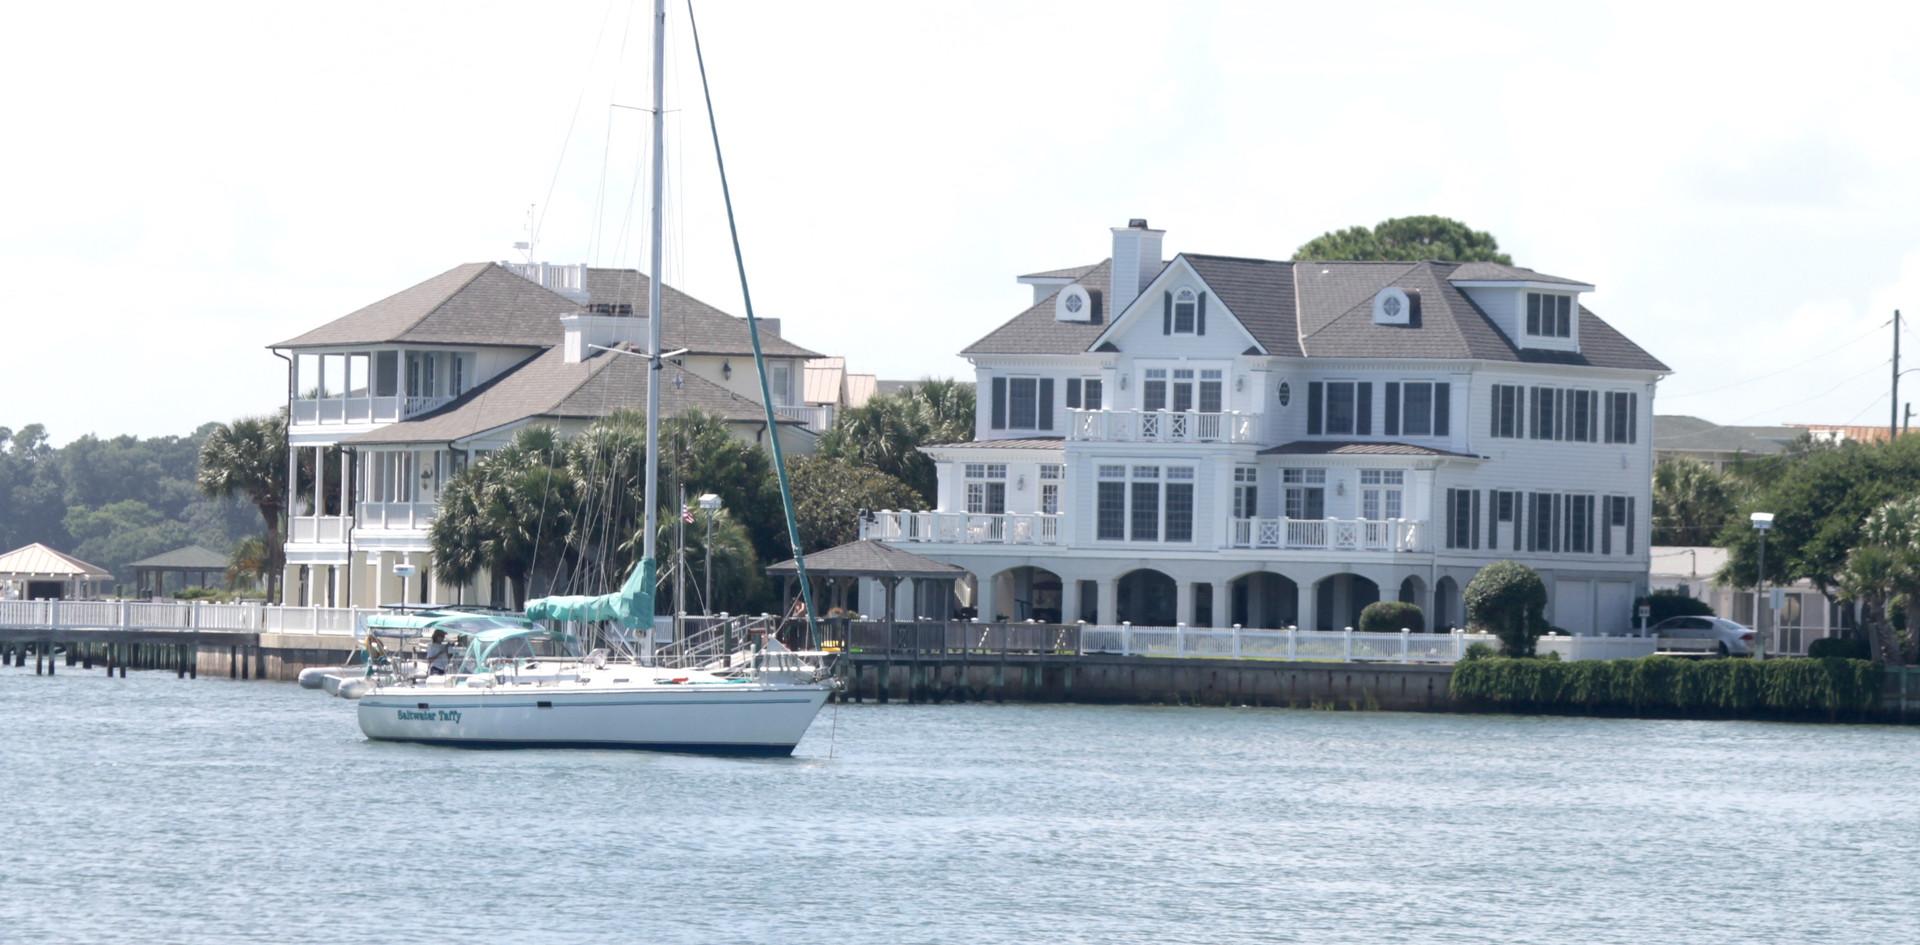 House on water 1.jpg